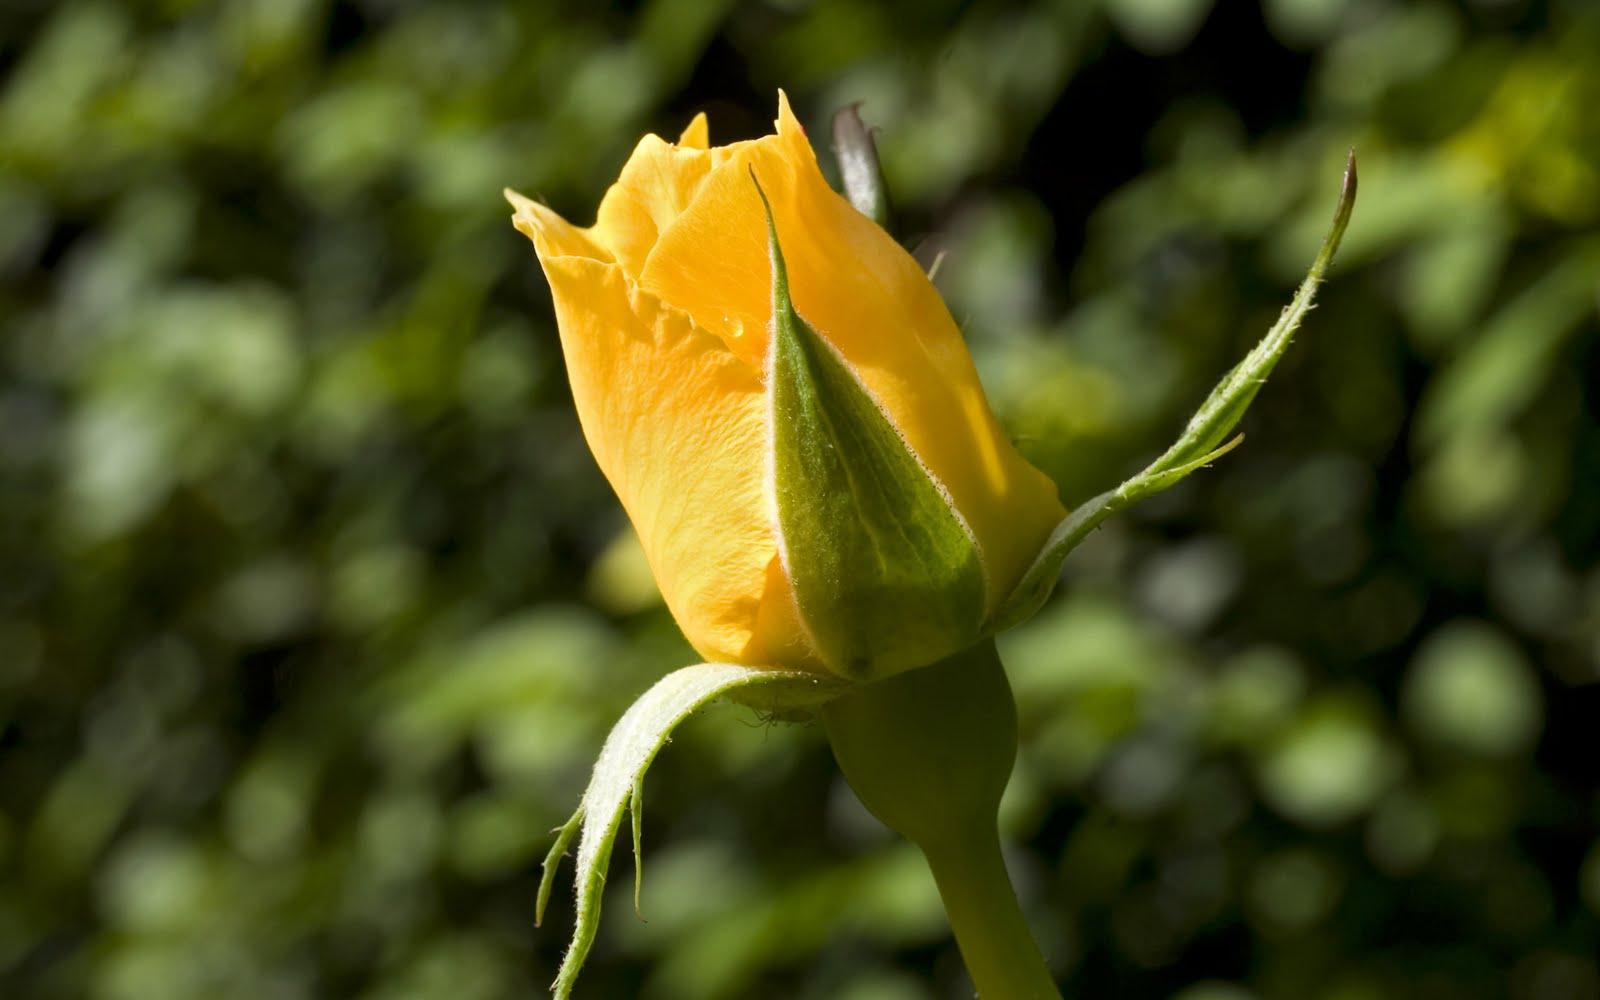 http://4.bp.blogspot.com/-3wAtYkD8070/Tg6e7xgYzfI/AAAAAAAABH4/EYKq9uBQZm8/s1600/yellow-rose-bud.jpg